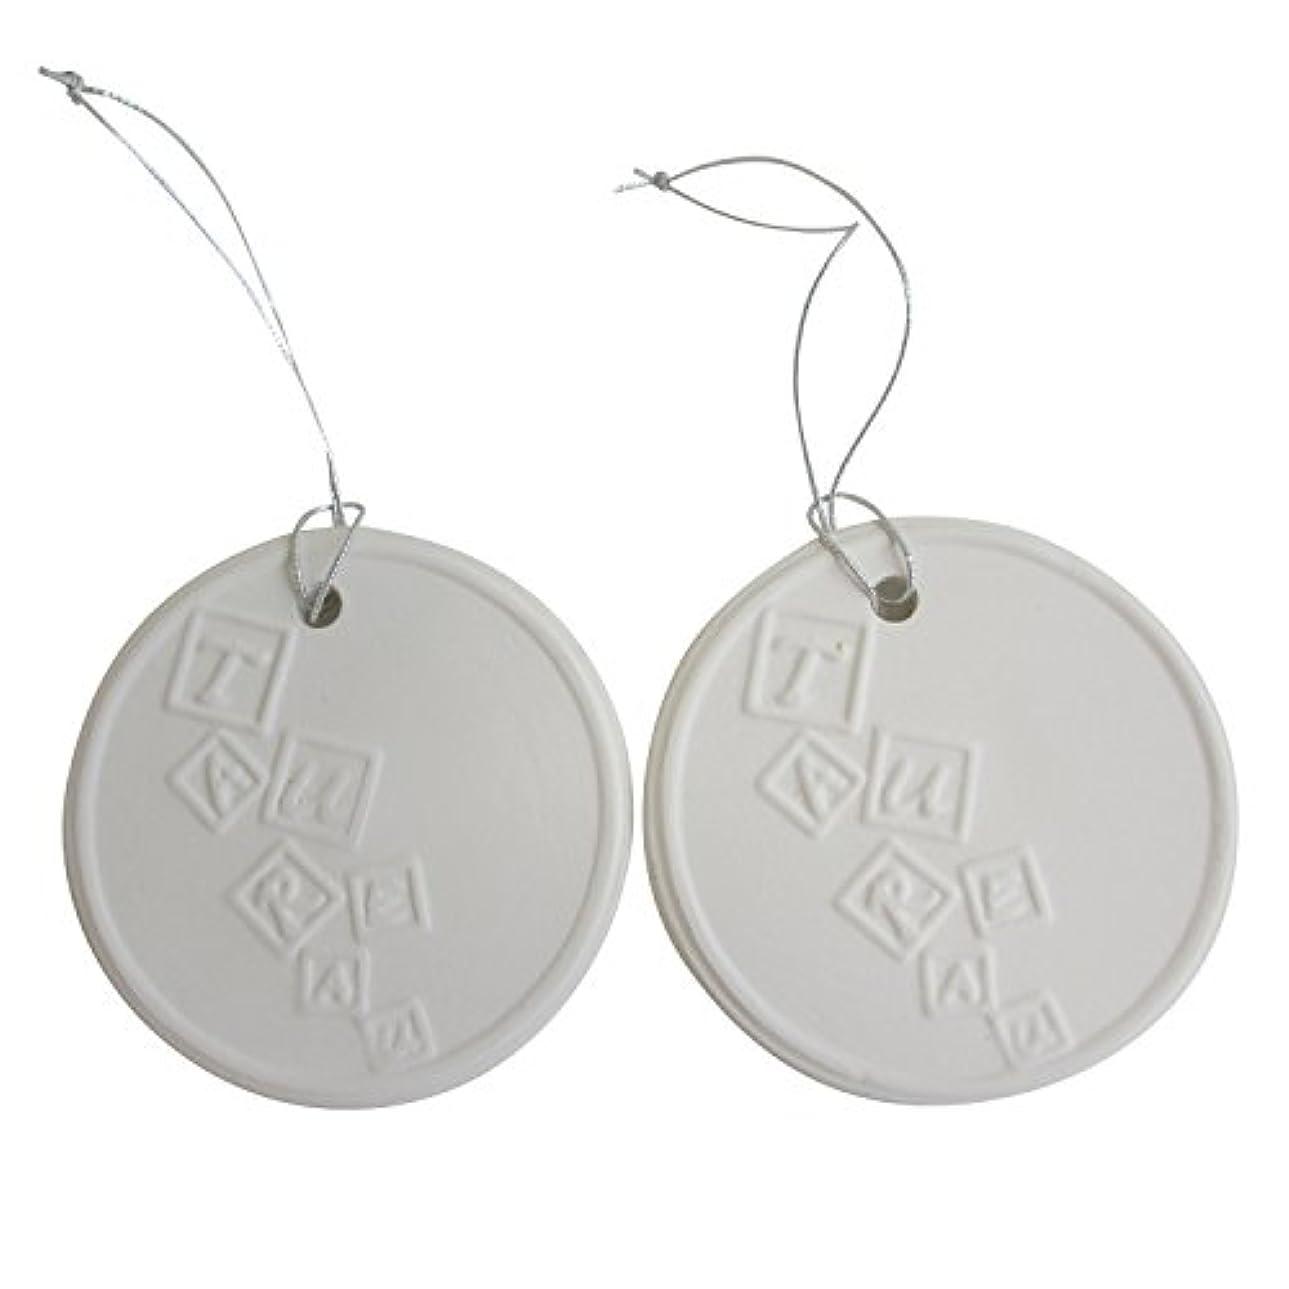 群がるアーティストアシュリータファーマンアロマストーン ホワイトコイン 2セット(ロゴ2) アクセサリー 小物 キーホルダー アロマディフューザー ペンダント 陶器製